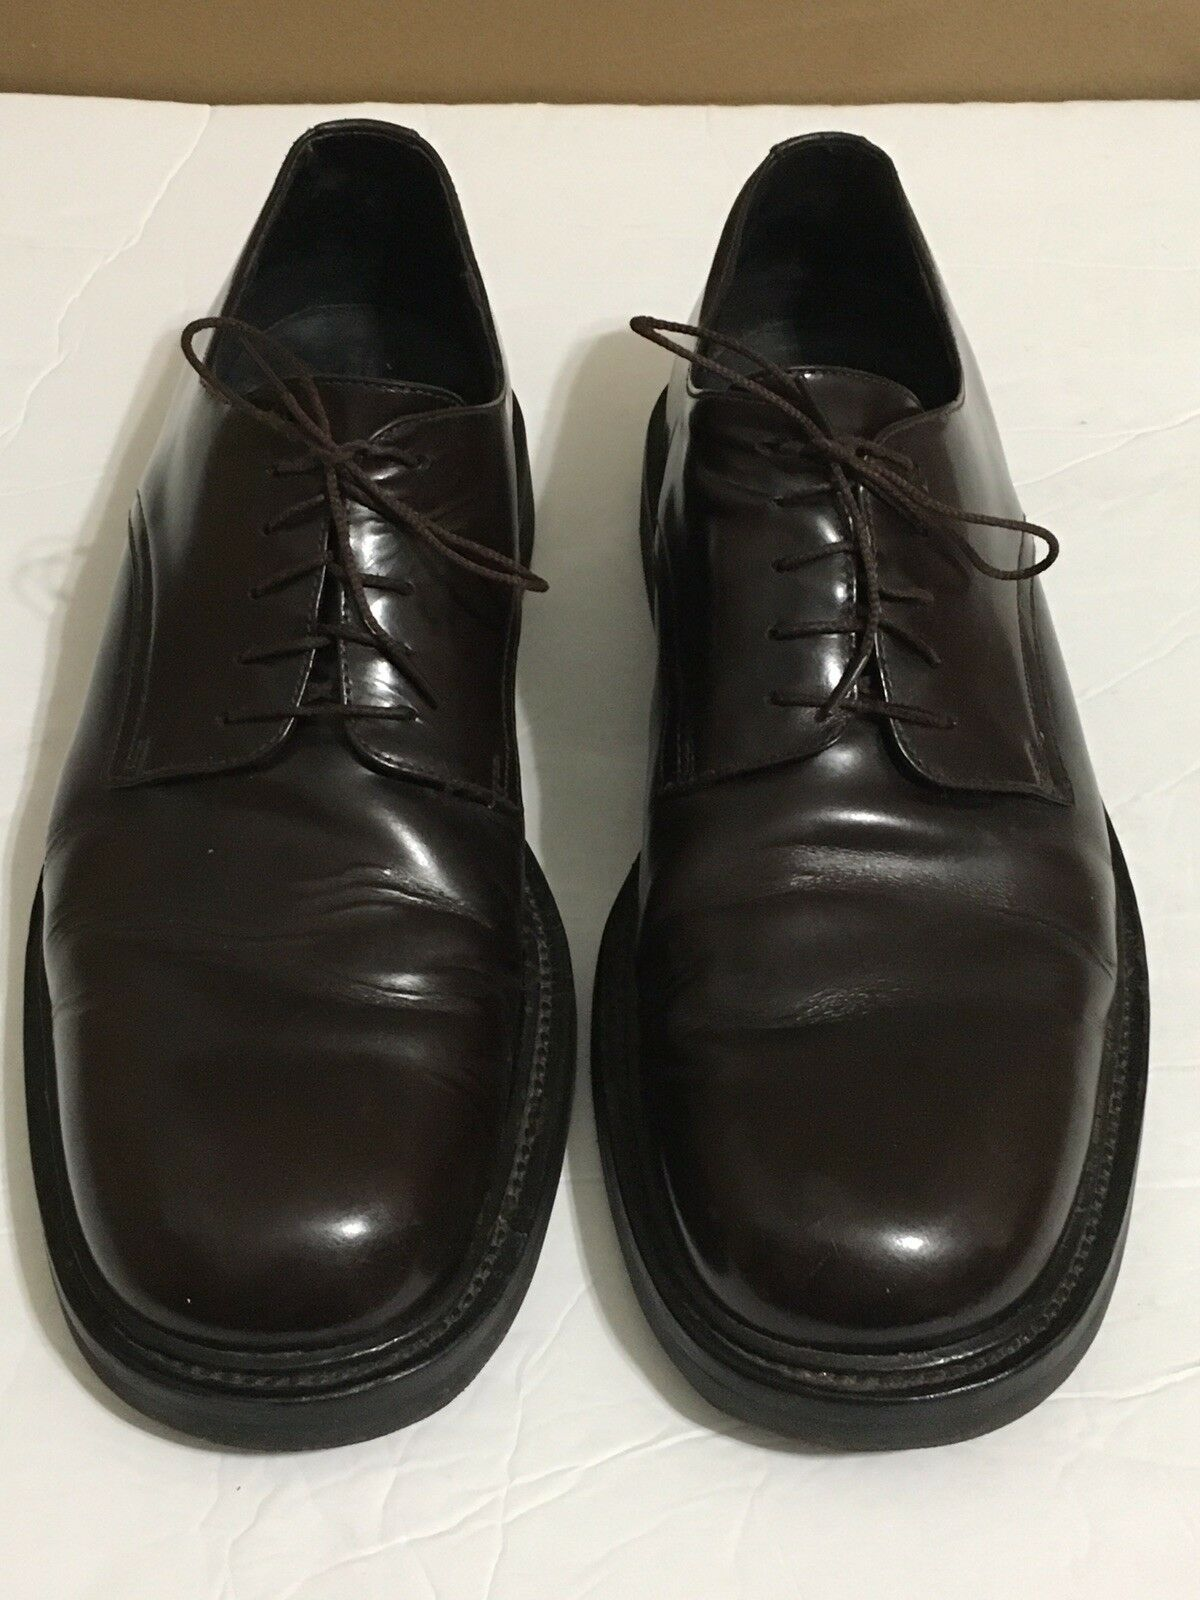 marchi di moda Mens J Crew Italian Leather Marrone Marrone Marrone Dress scarpe Oxfords Sz 10 Vibram Gumlite Sole  il prezzo più basso